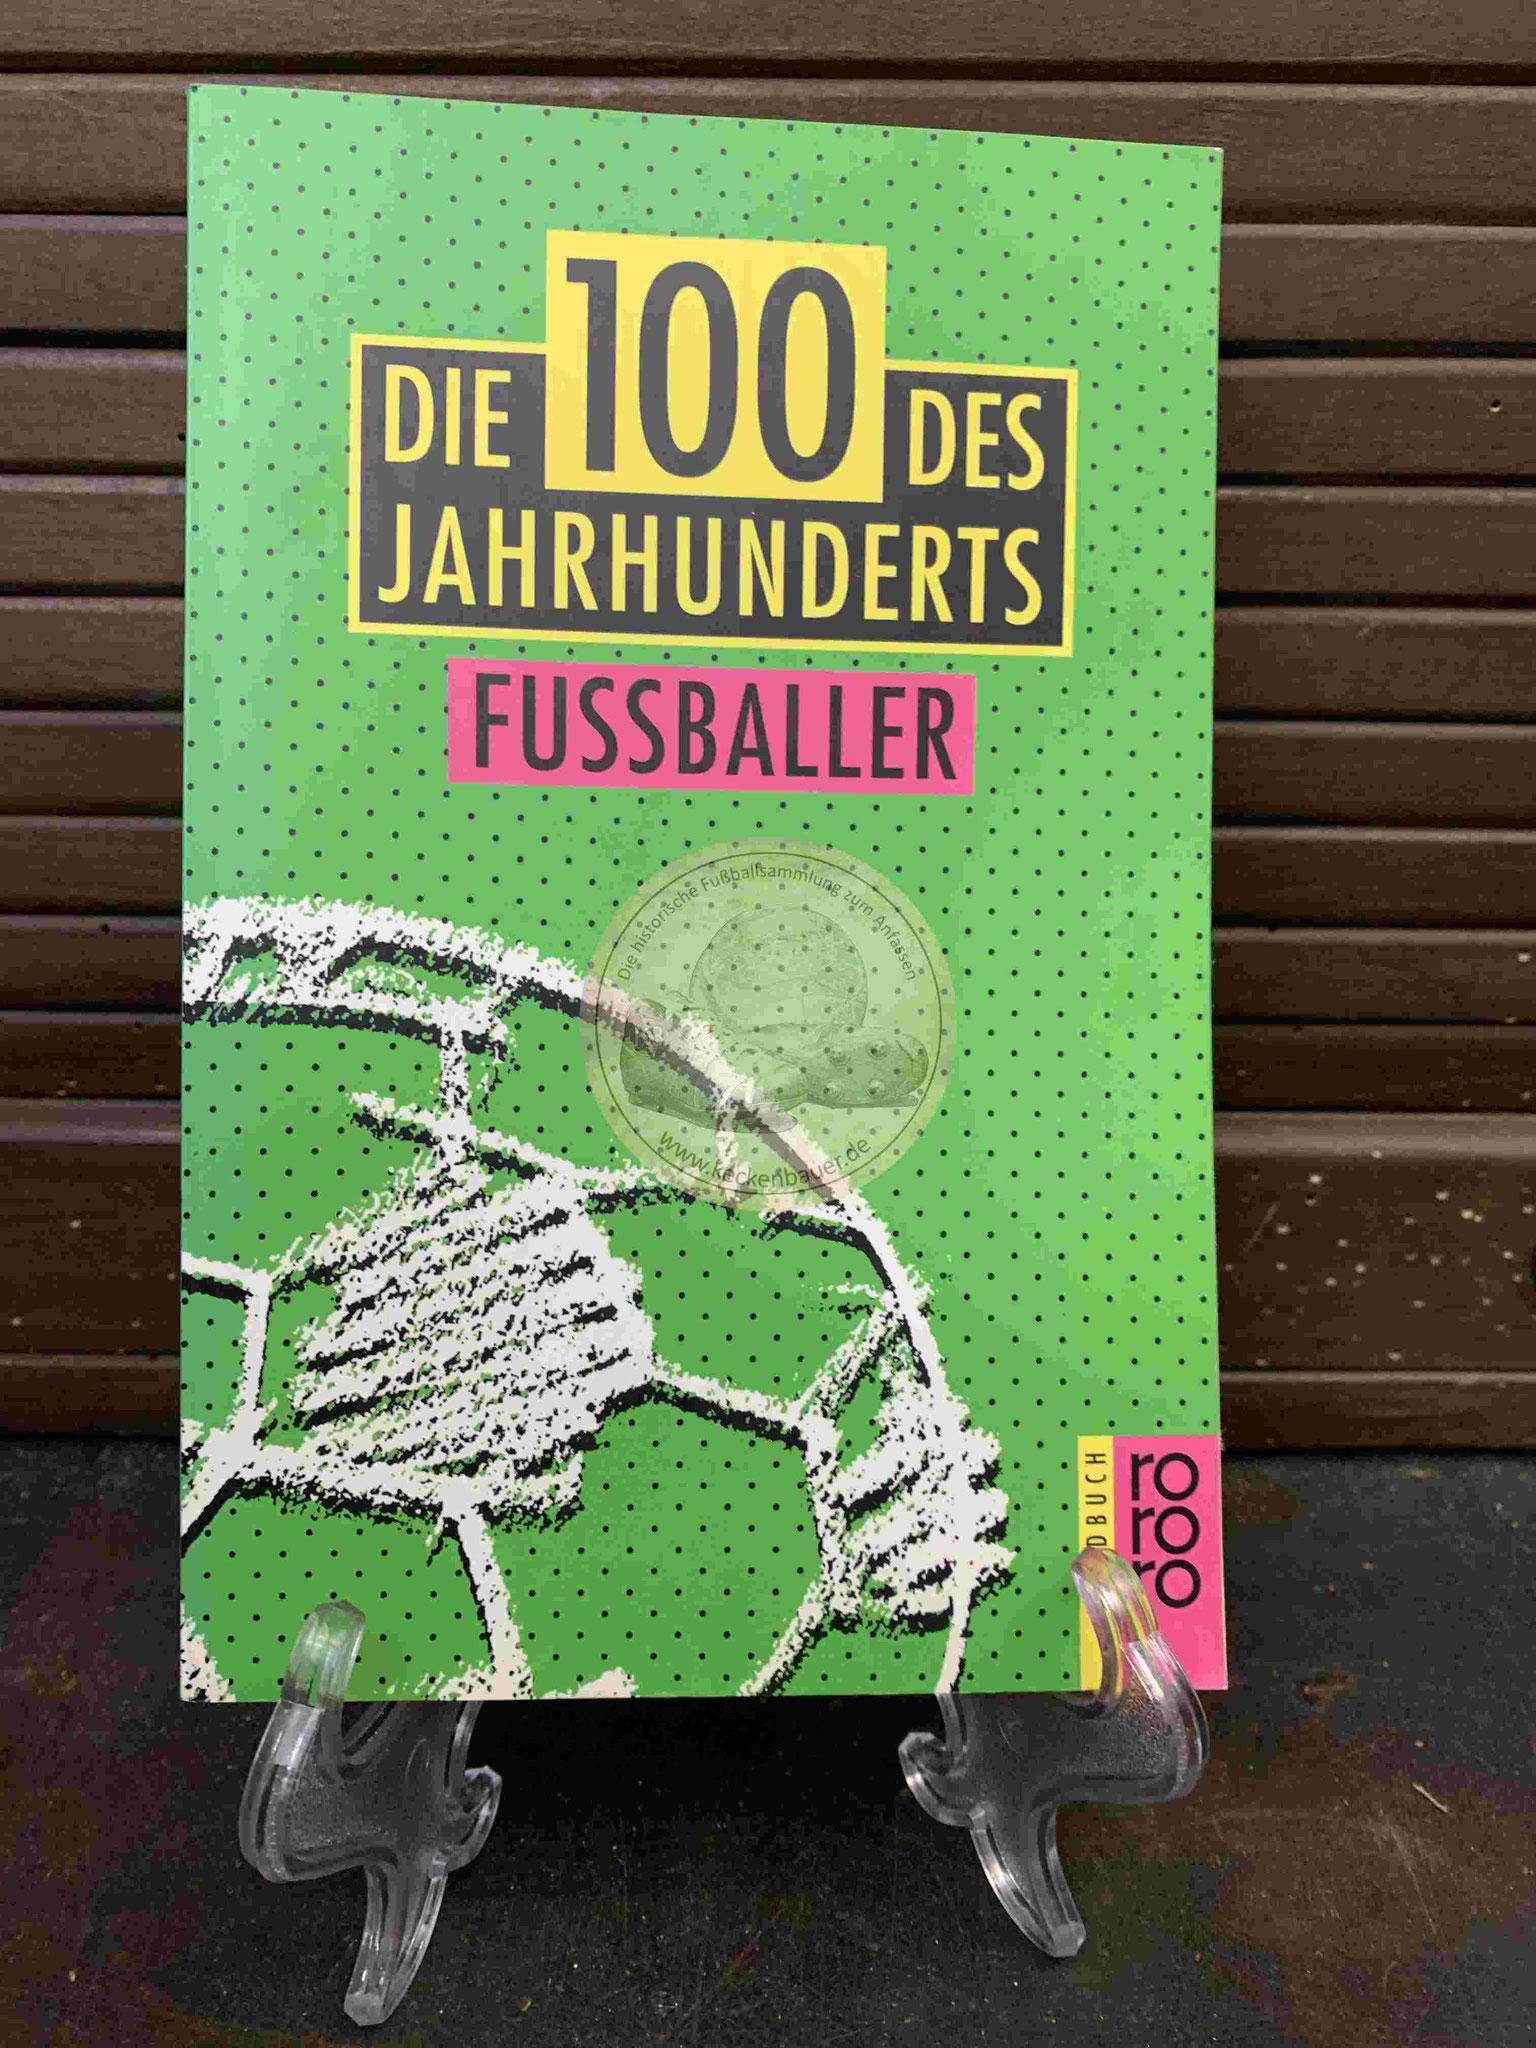 """Die 100 des Jahrhundert """"Fussballer"""" aus dem Jahr 1996"""